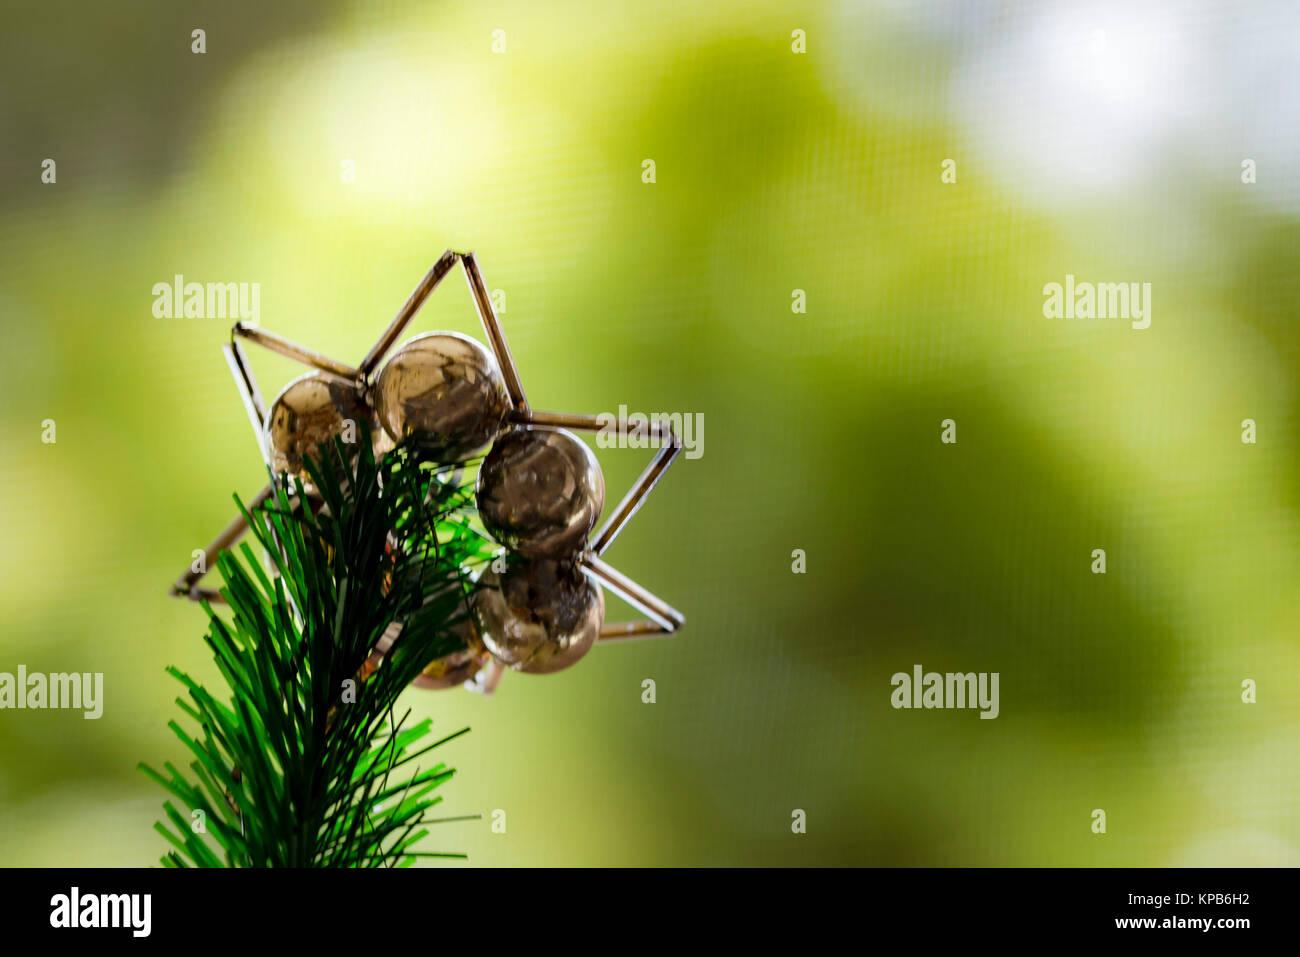 Décoration d'arbre de Noël sur la branche, selective focus, macro. Des pointes de vert et de pommes d'ornement festif, arrière-plan flou. Banque D'Images